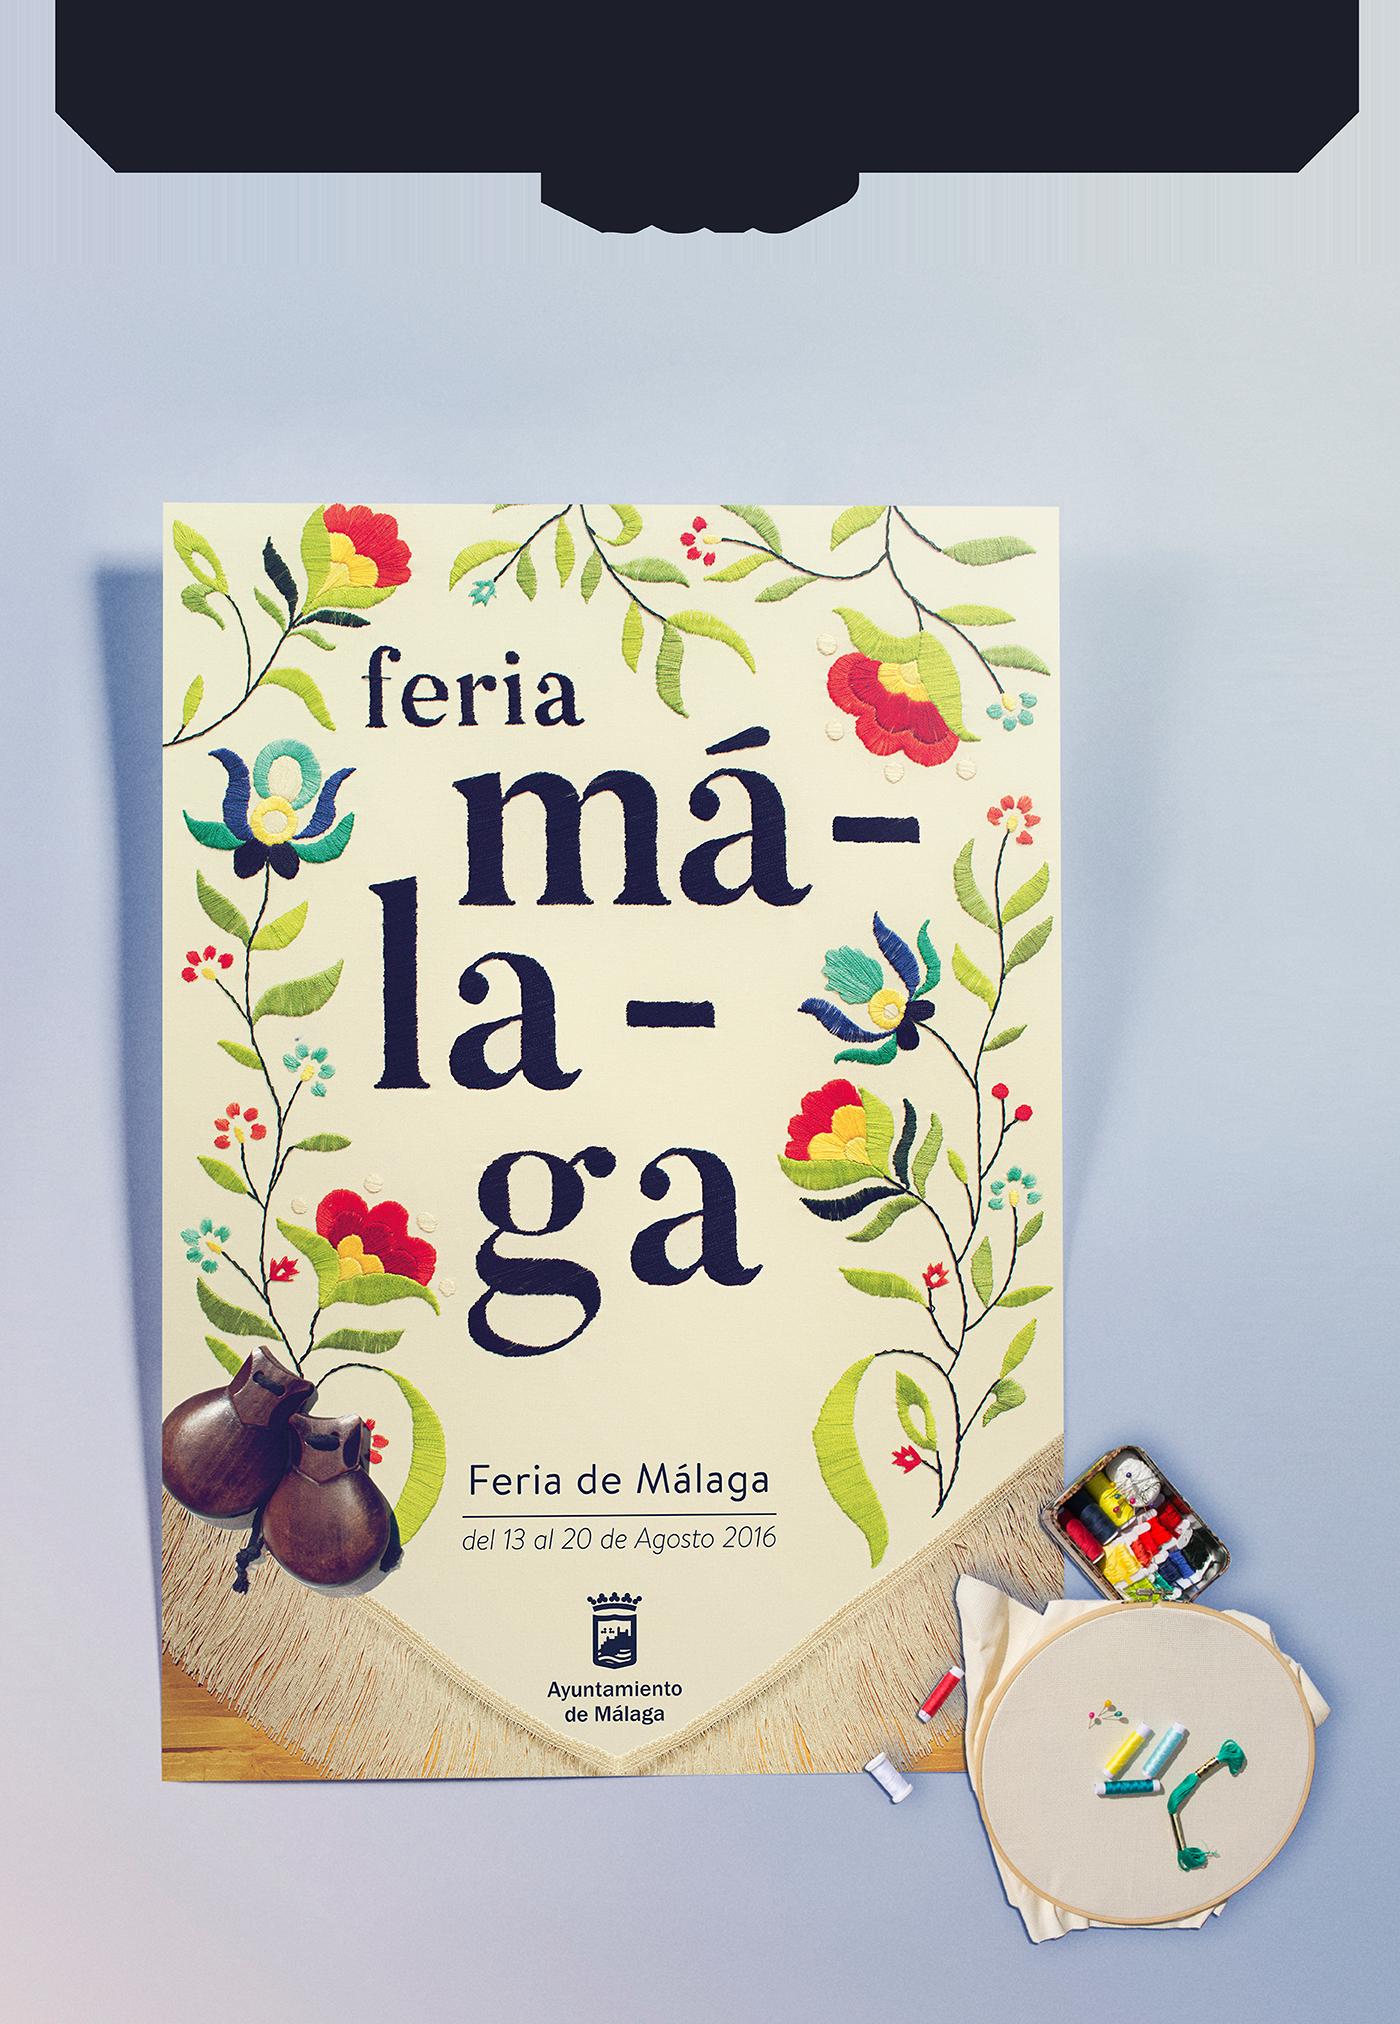 Propuesta para el cartel anunciador de la Feria de Málaga 2016---- Proposal for the poster for the Malaga Festival 2016